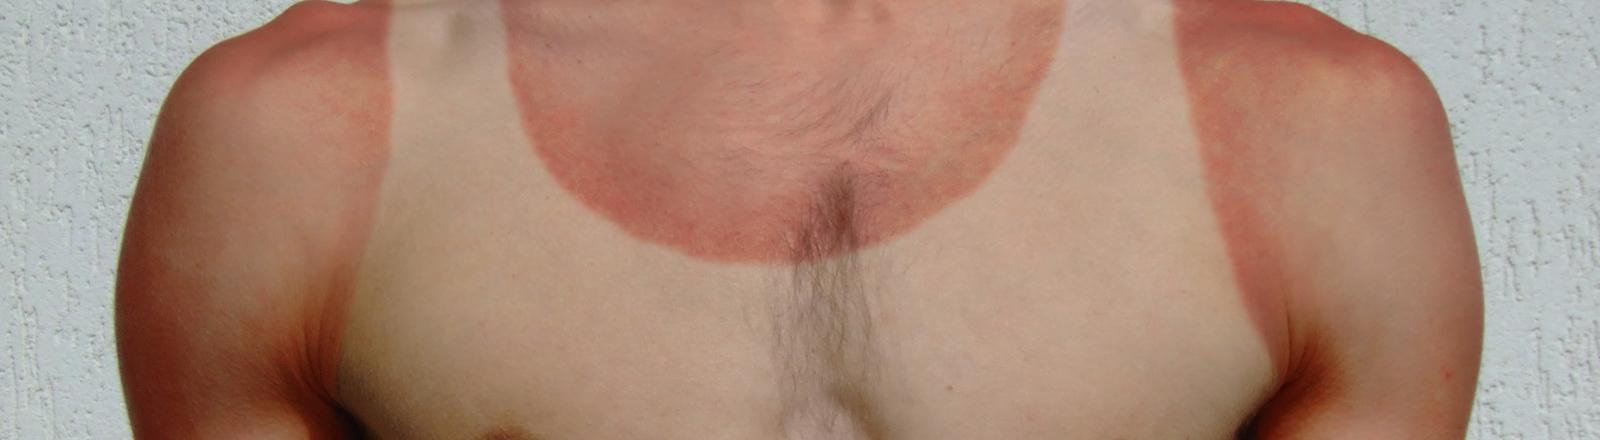 Mann mit Sonnenbrand und Abdruck vom Unterhemd.